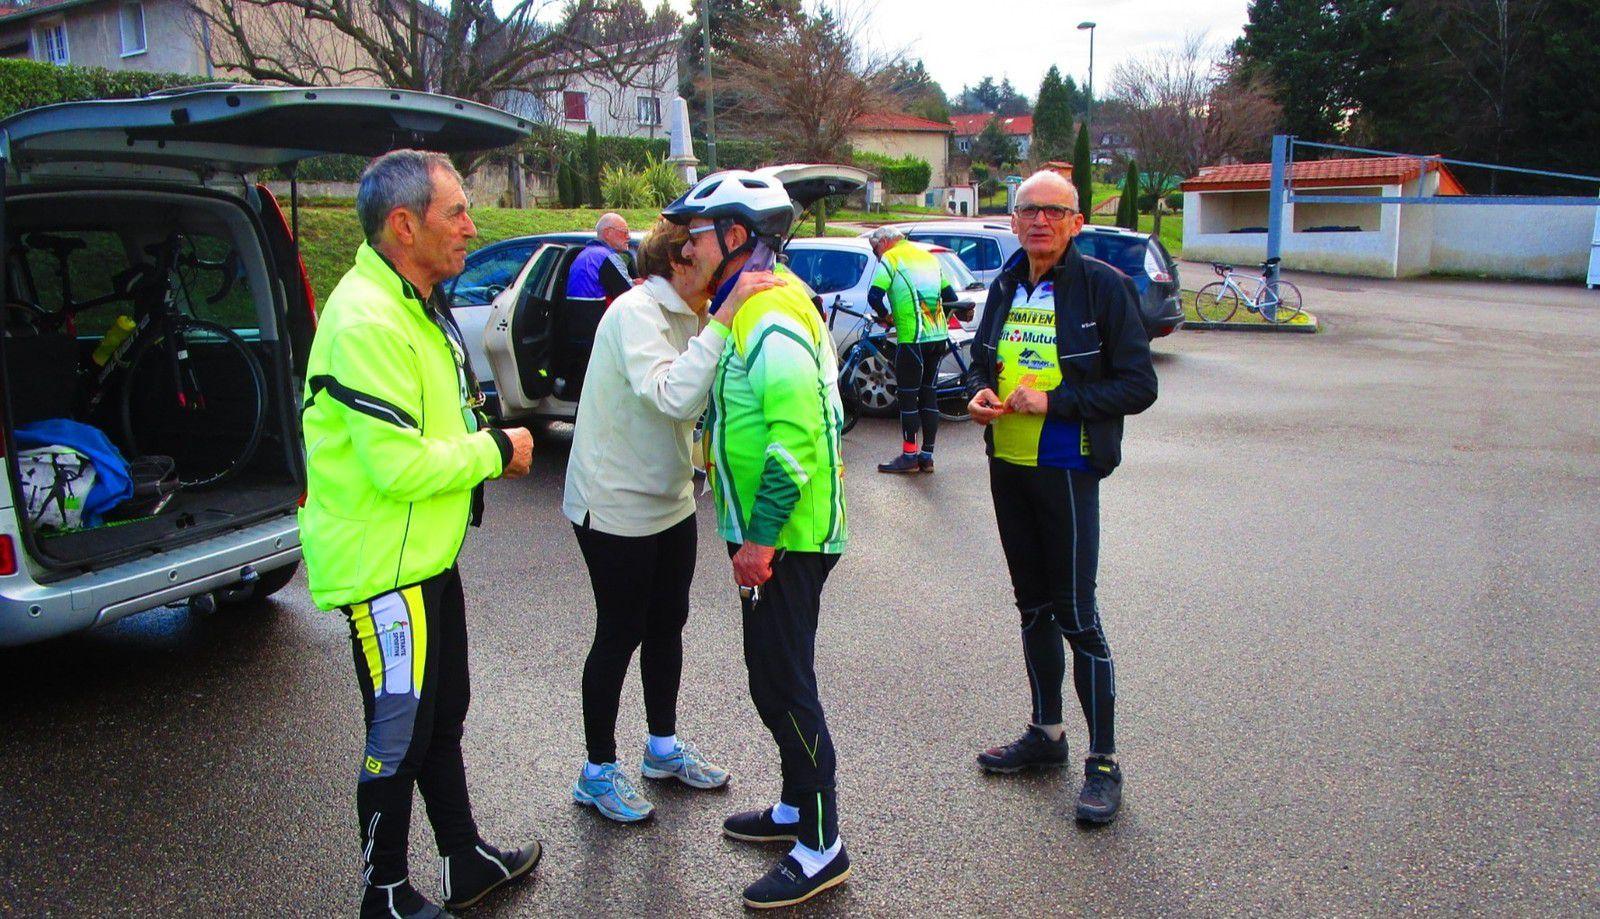 Marennes (69) Découverte - Vendredi  31 Janvier 2020